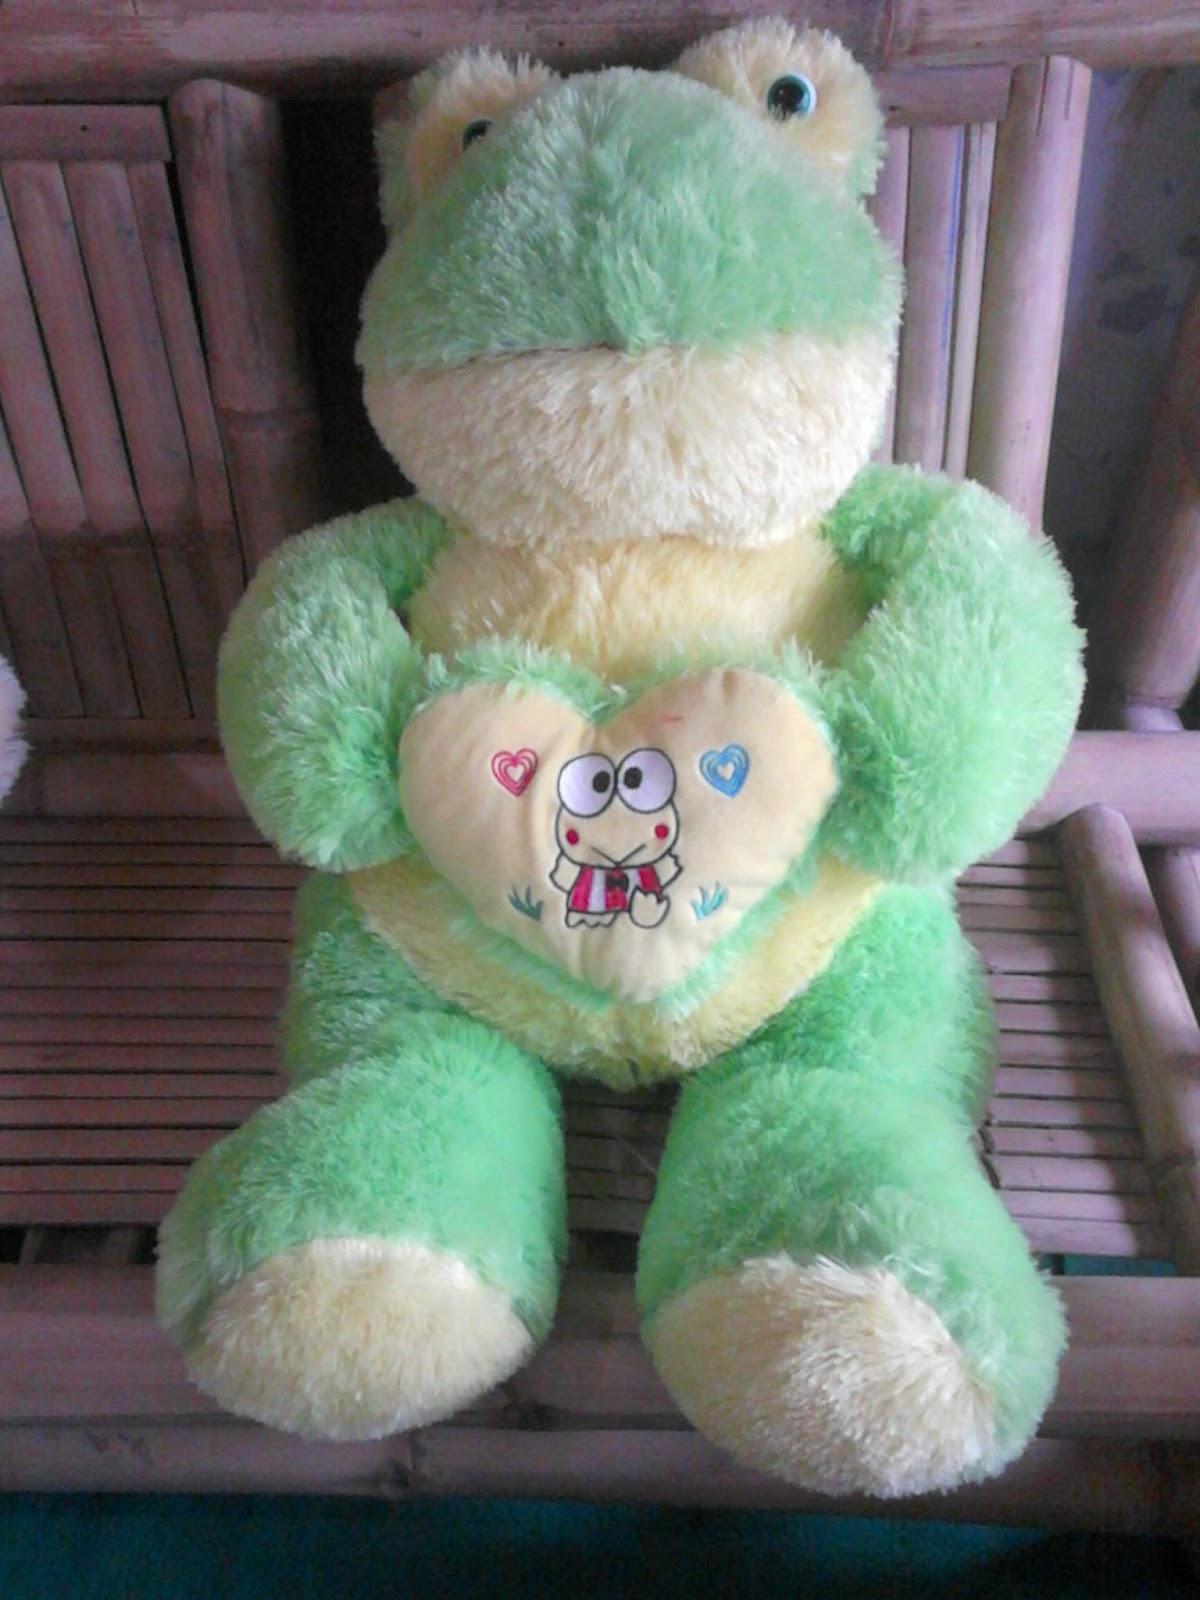 jual boneka jumbo murah yogyakarta. boneka keropi jumbo bcb976c317